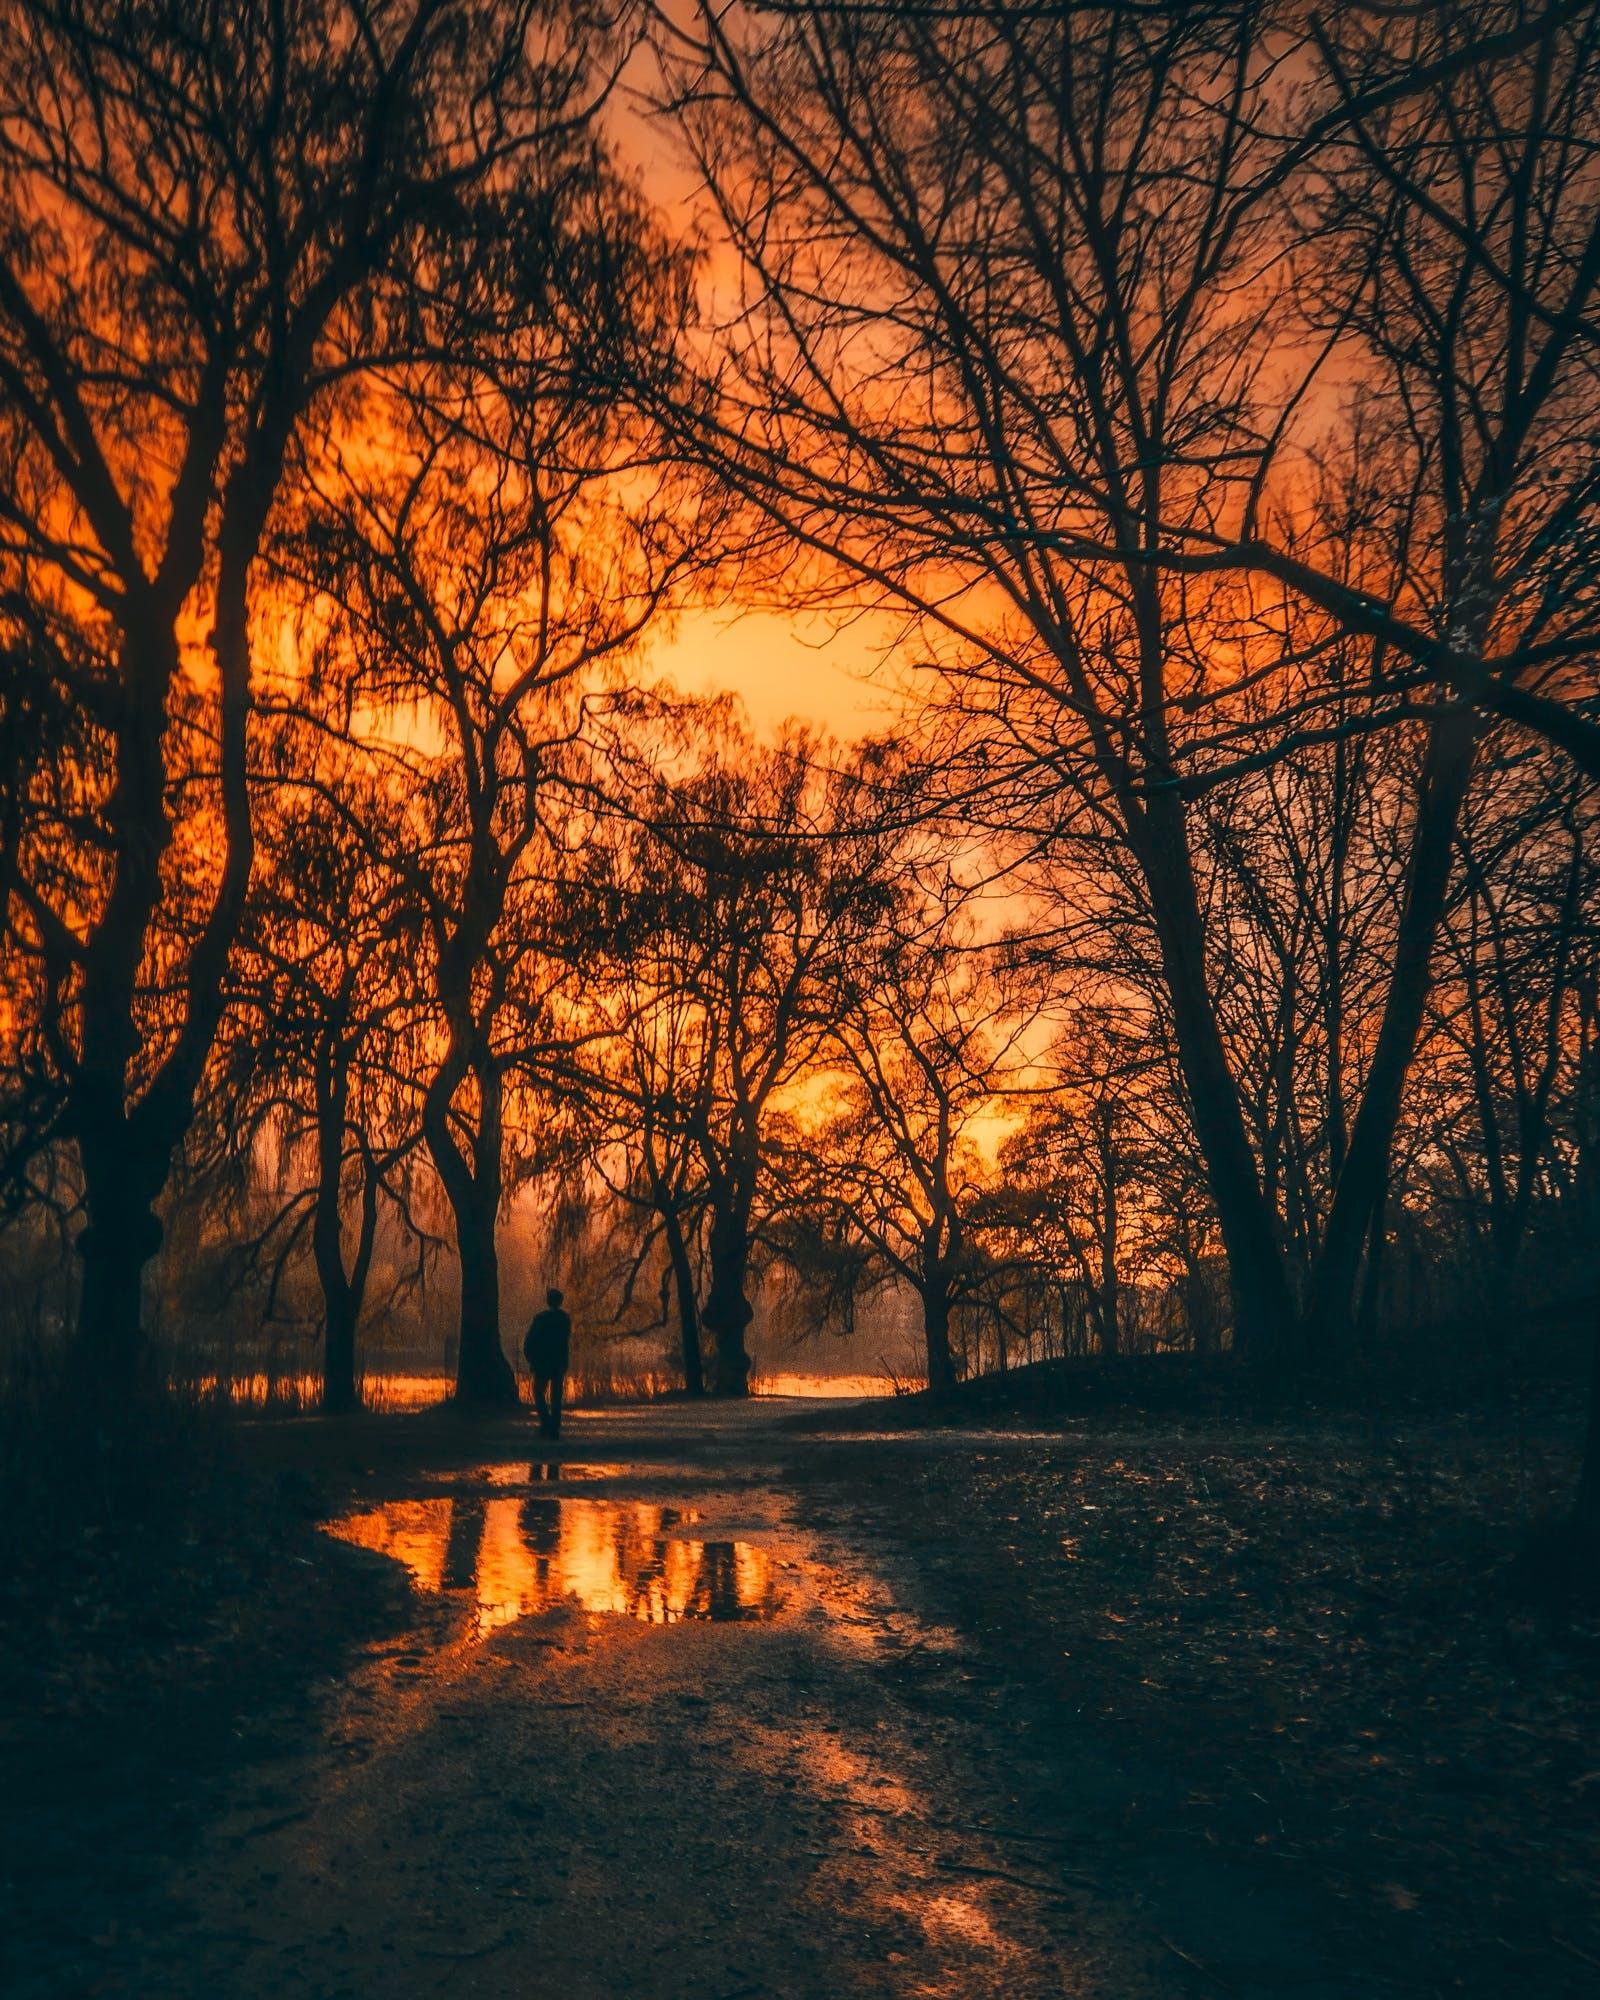 Kostenloses Stock Foto zu abend, außerorts, bäume, dämmerung